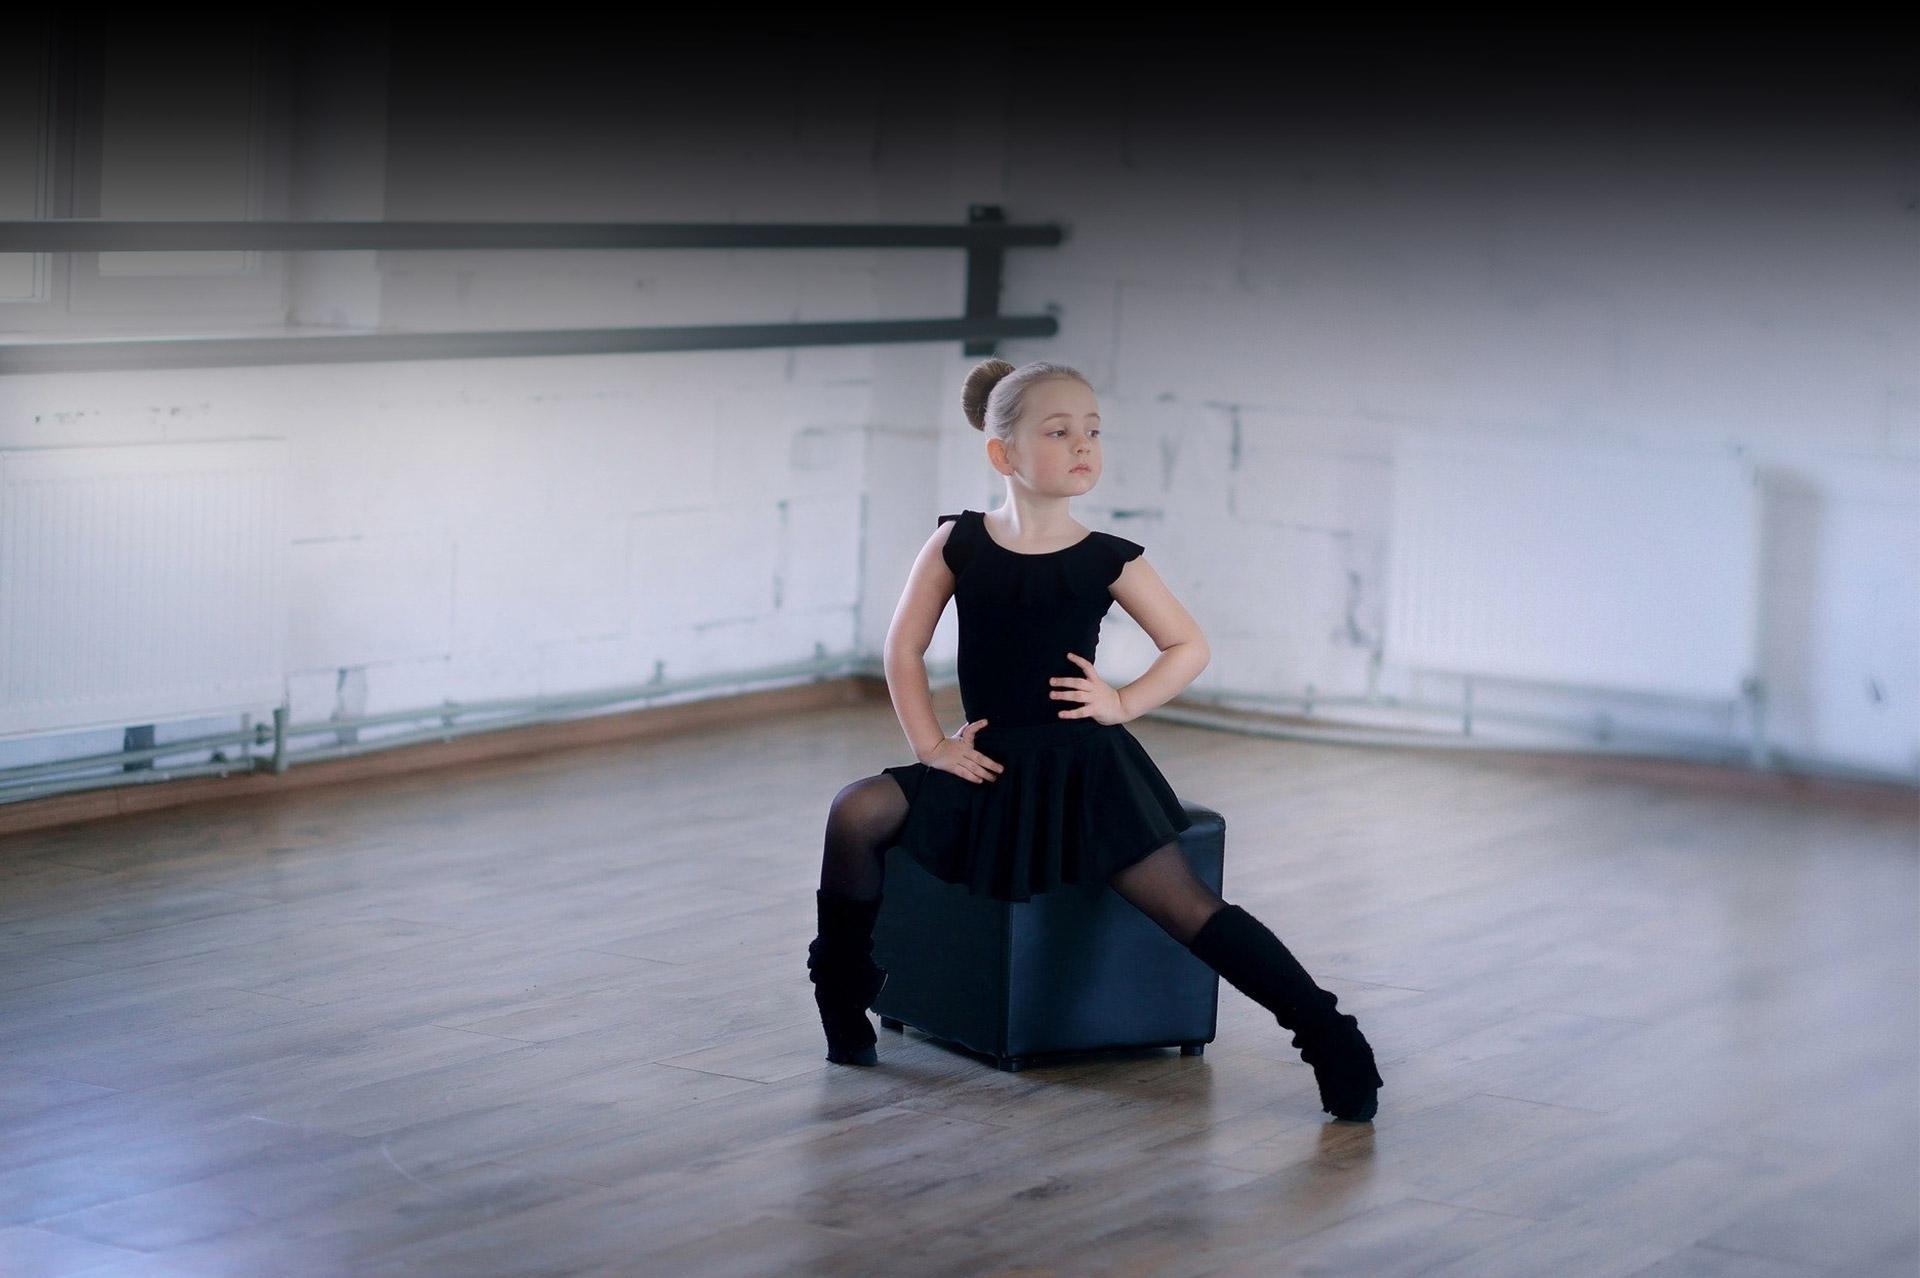 Scuola di Danza Lerose: corsi bambini e ragazzi a Reggio Emilia